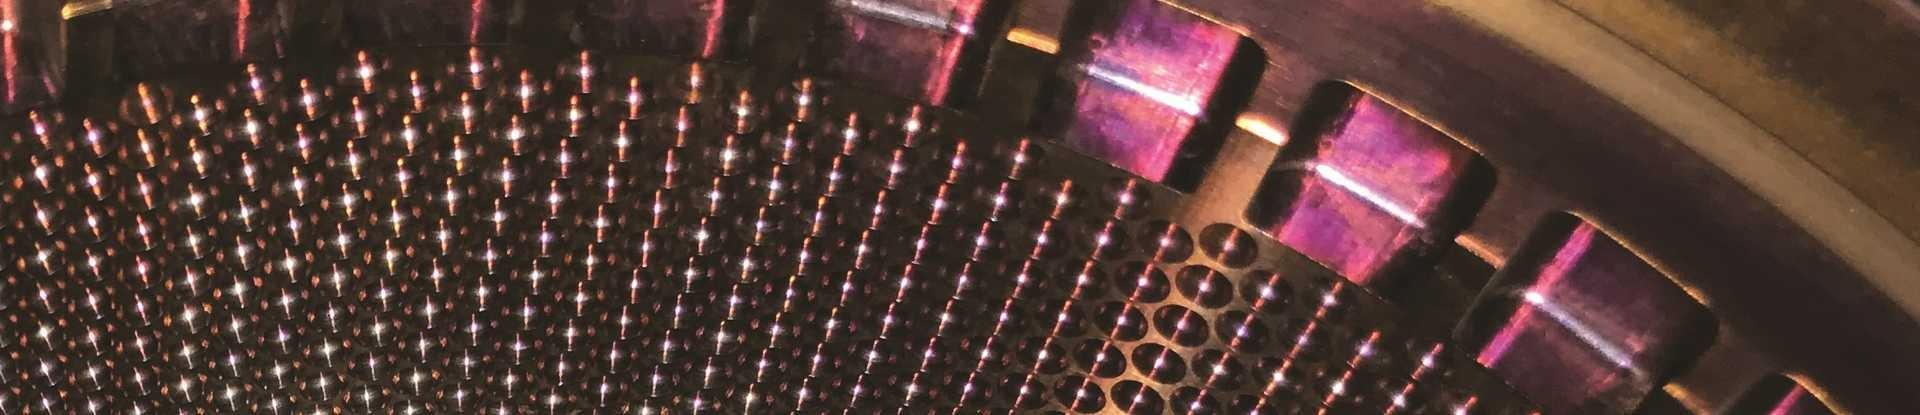 Supercritical carbon dioxide turbine up close